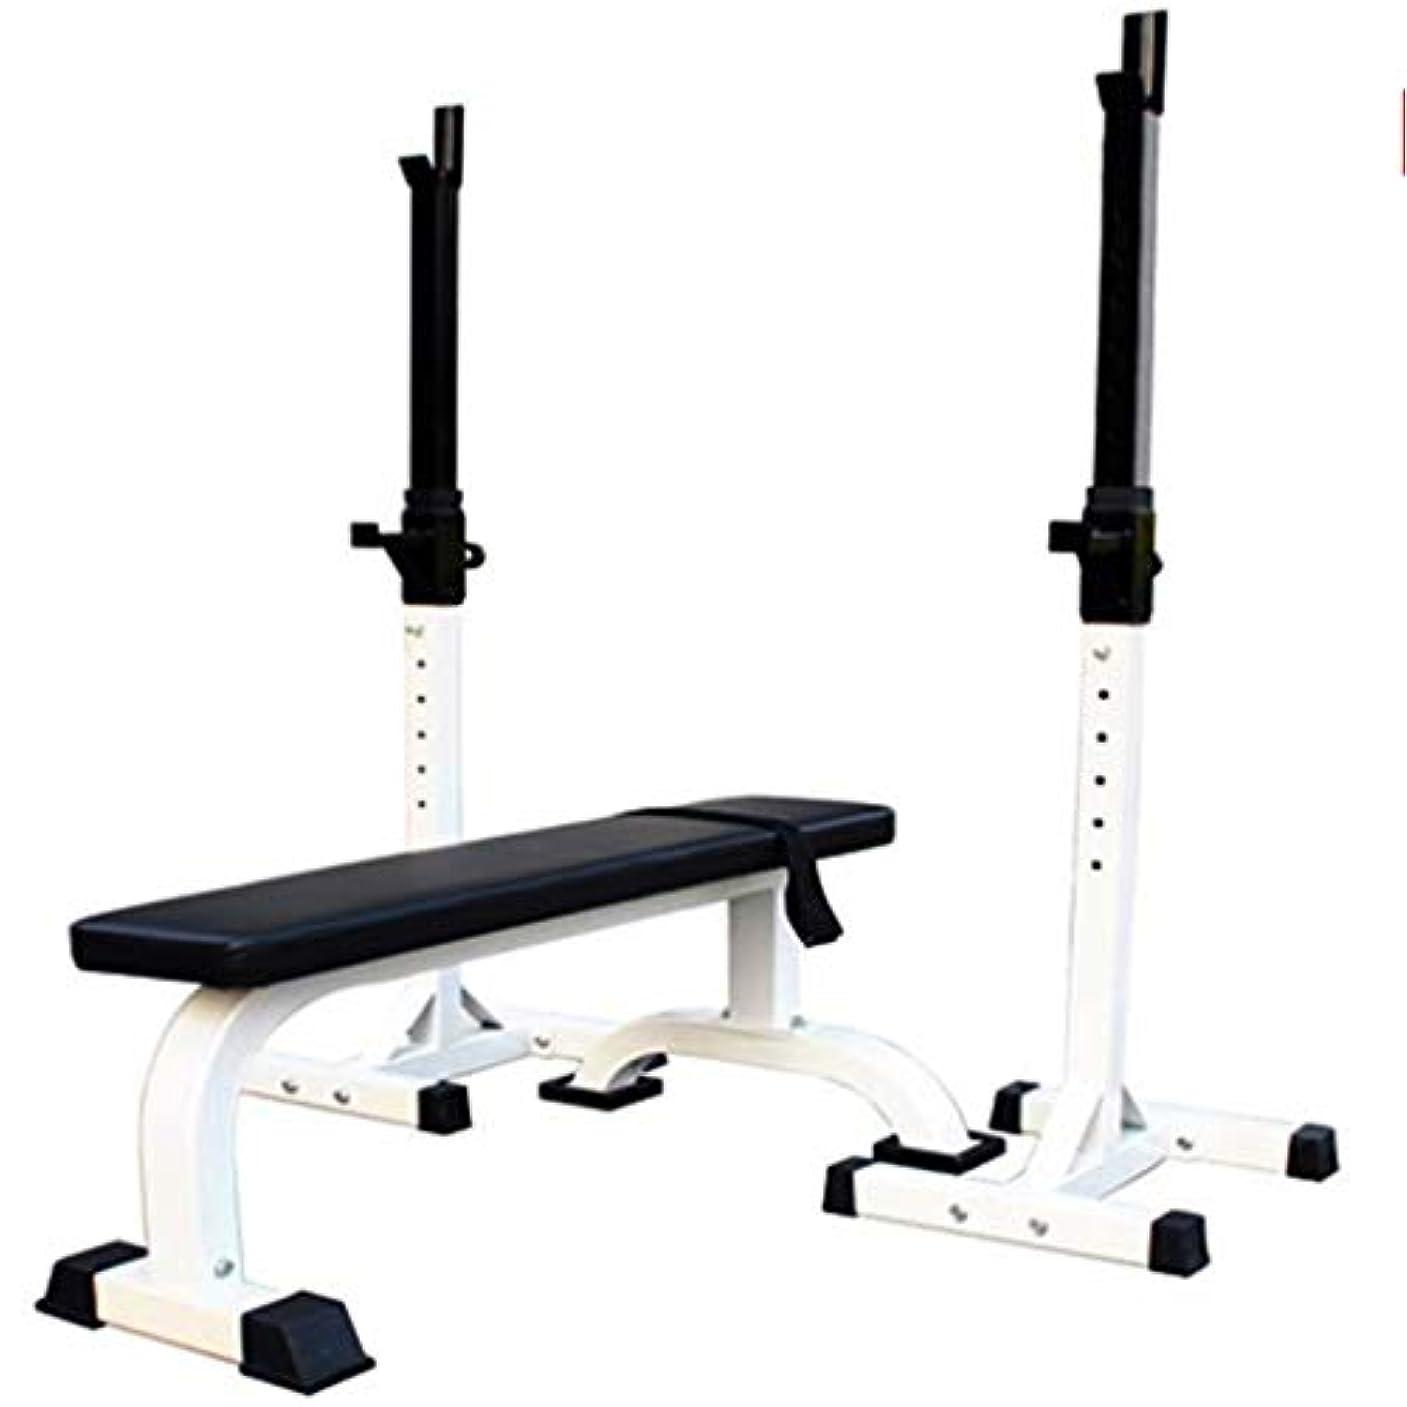 カウントアップ試してみる批判スクワットラック調節可能なバーベルラック重量ベンチベンチプレスラックホームフィットネス機器スポーツトレーニング用品 (Color : 白, Size : 107x68x40.5cm)